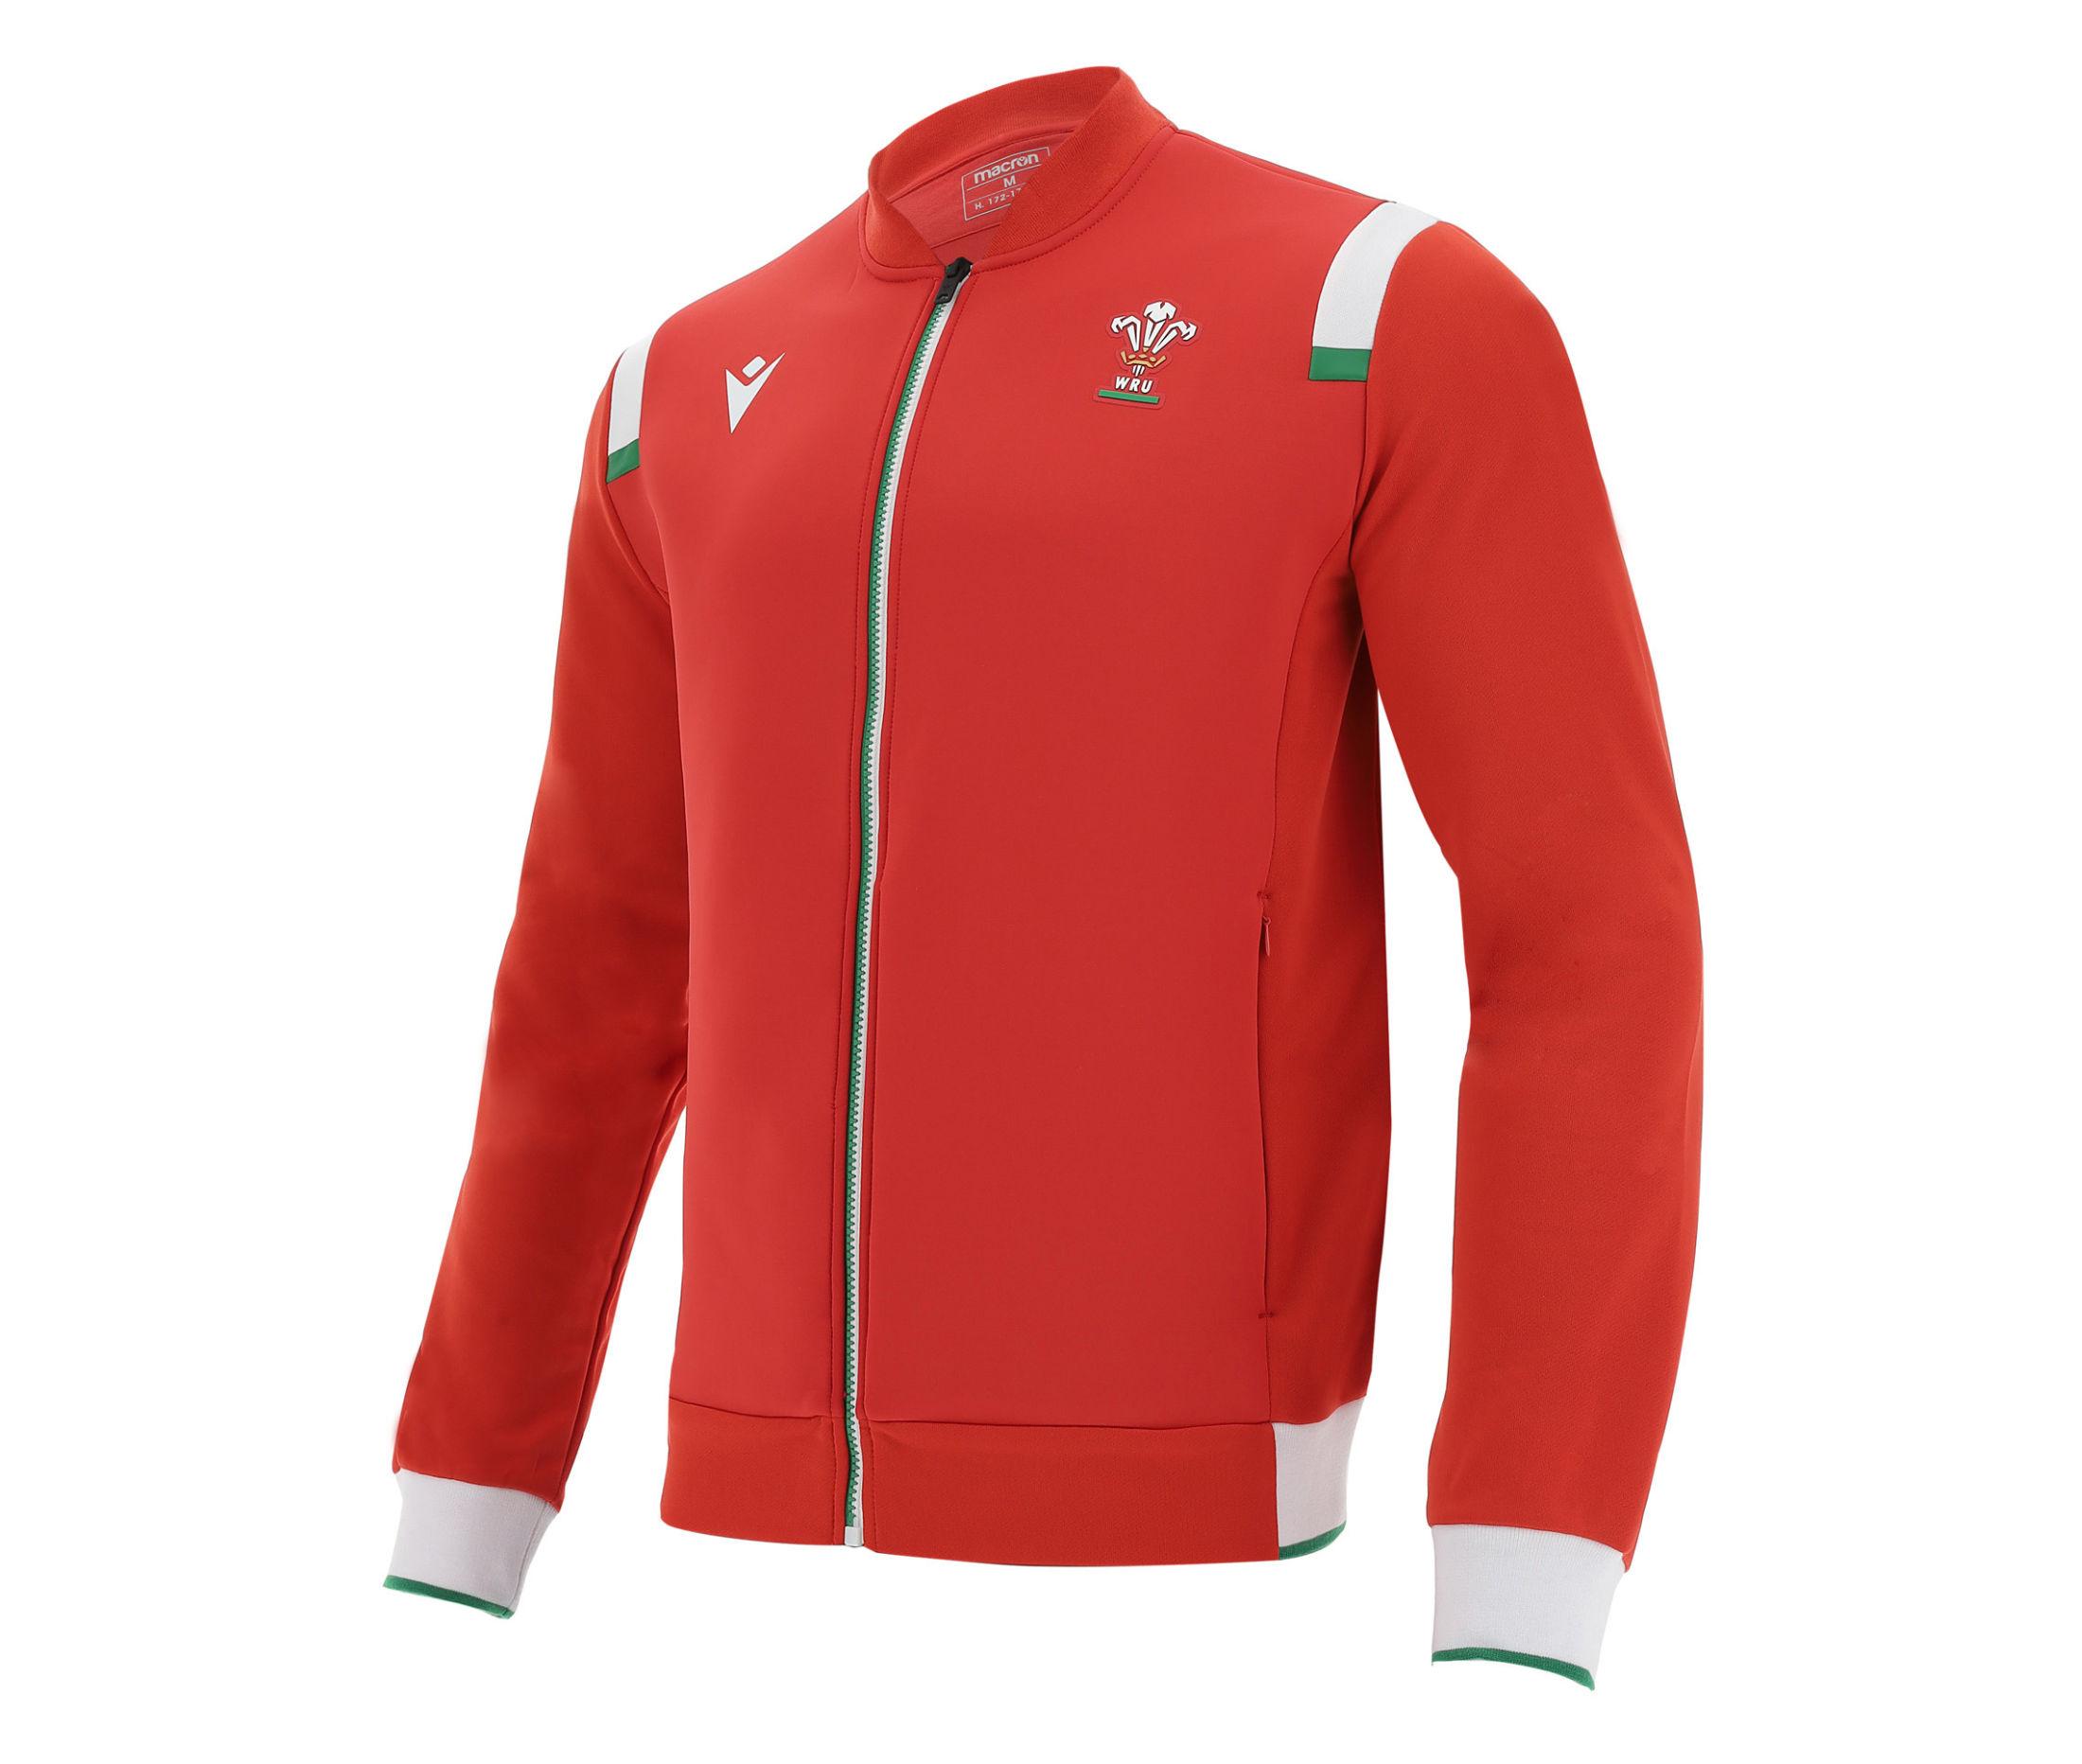 /Tailles S M L XL 2/x L XXL 3/x l XXXL /évolution d/'un joueur de rugby pour homme Coton /à manches courtes Disponible en diff/érentes couleurs/